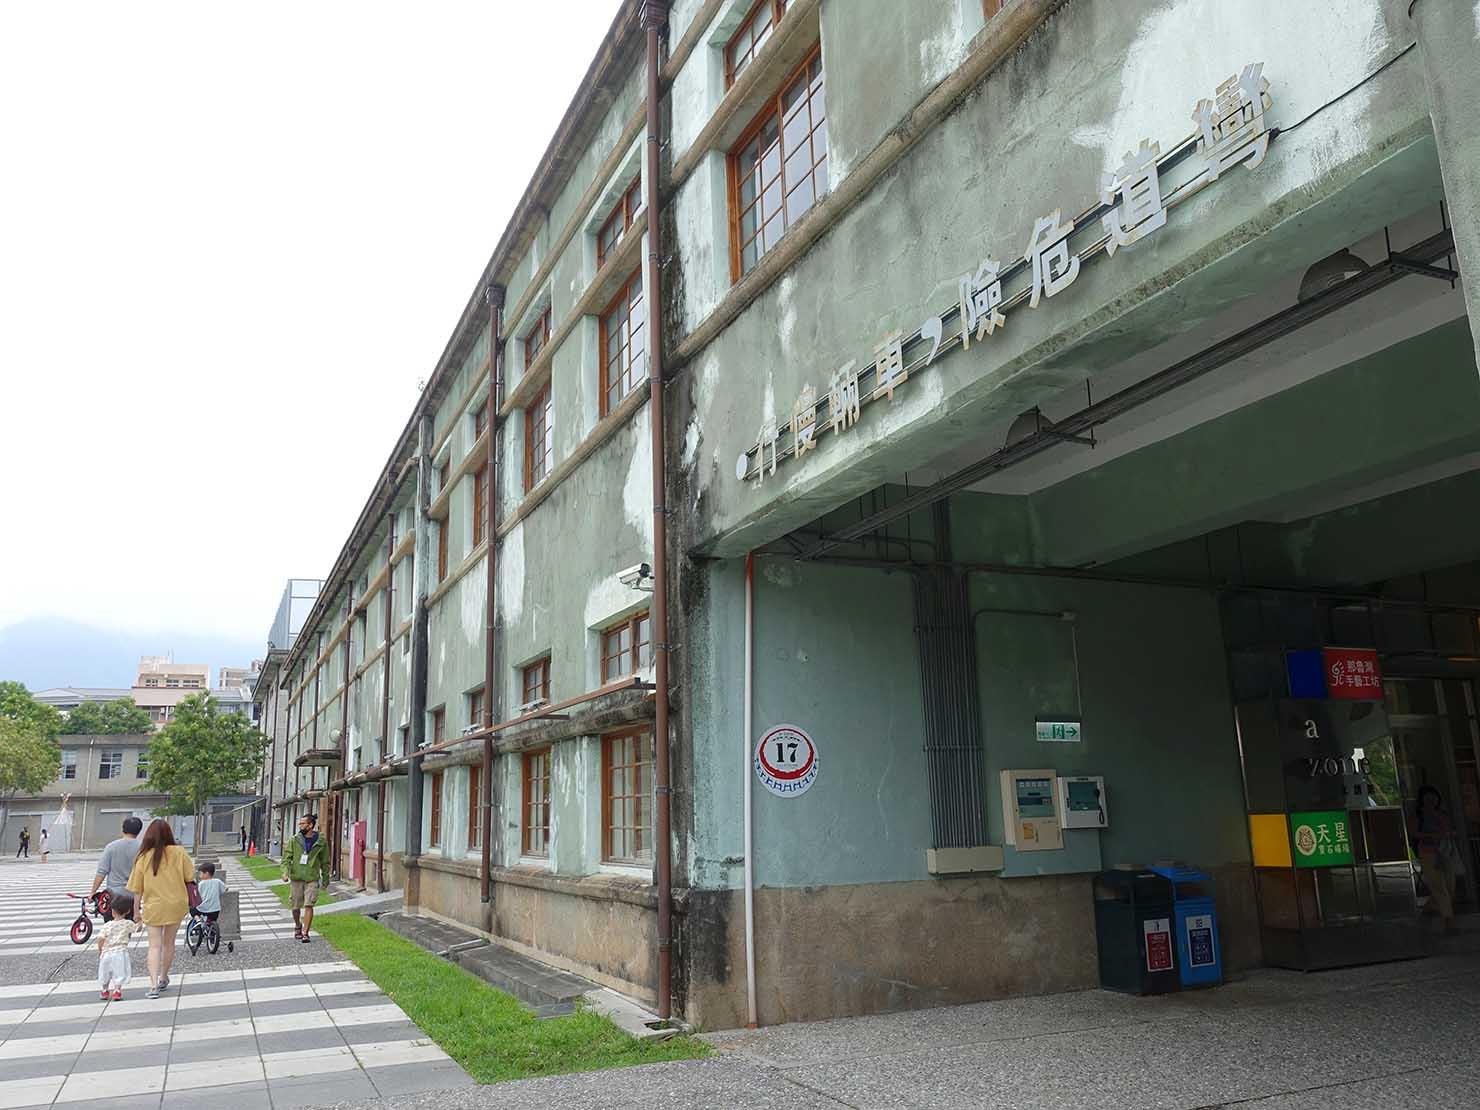 花蓮市街の有名観光スポット「a-zone花蓮文化創意產業園區」の建物